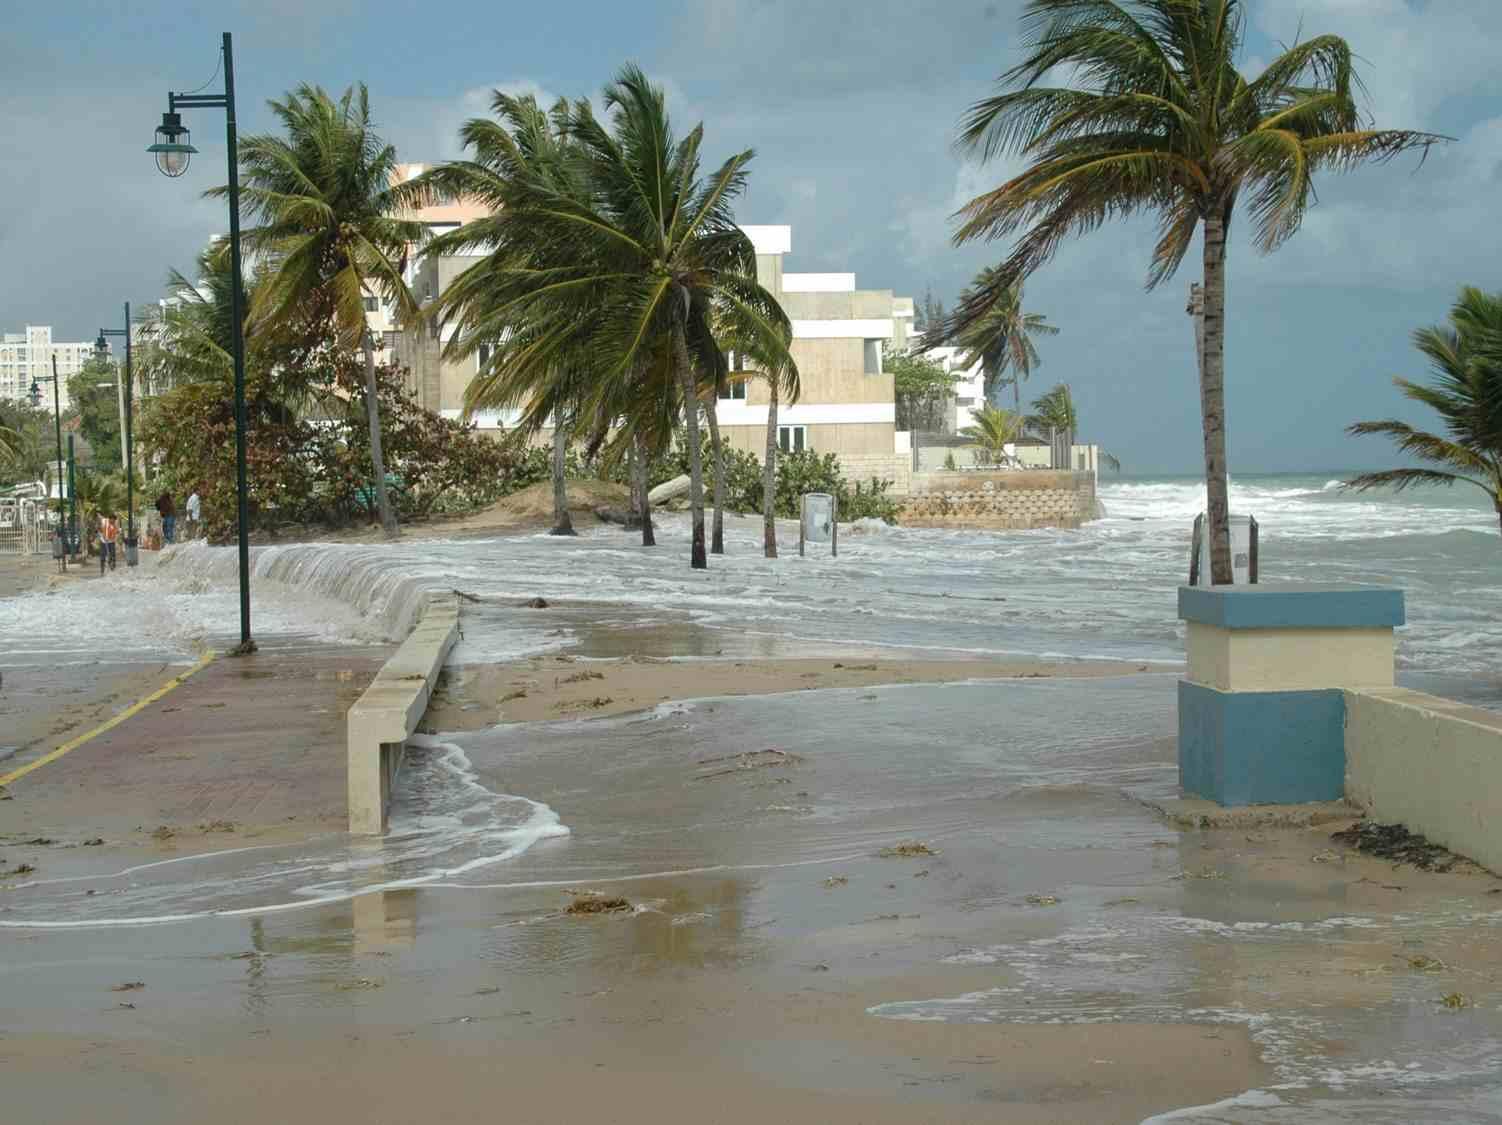 Proponen nueva ley de moratoria de construcción en la zona costanera